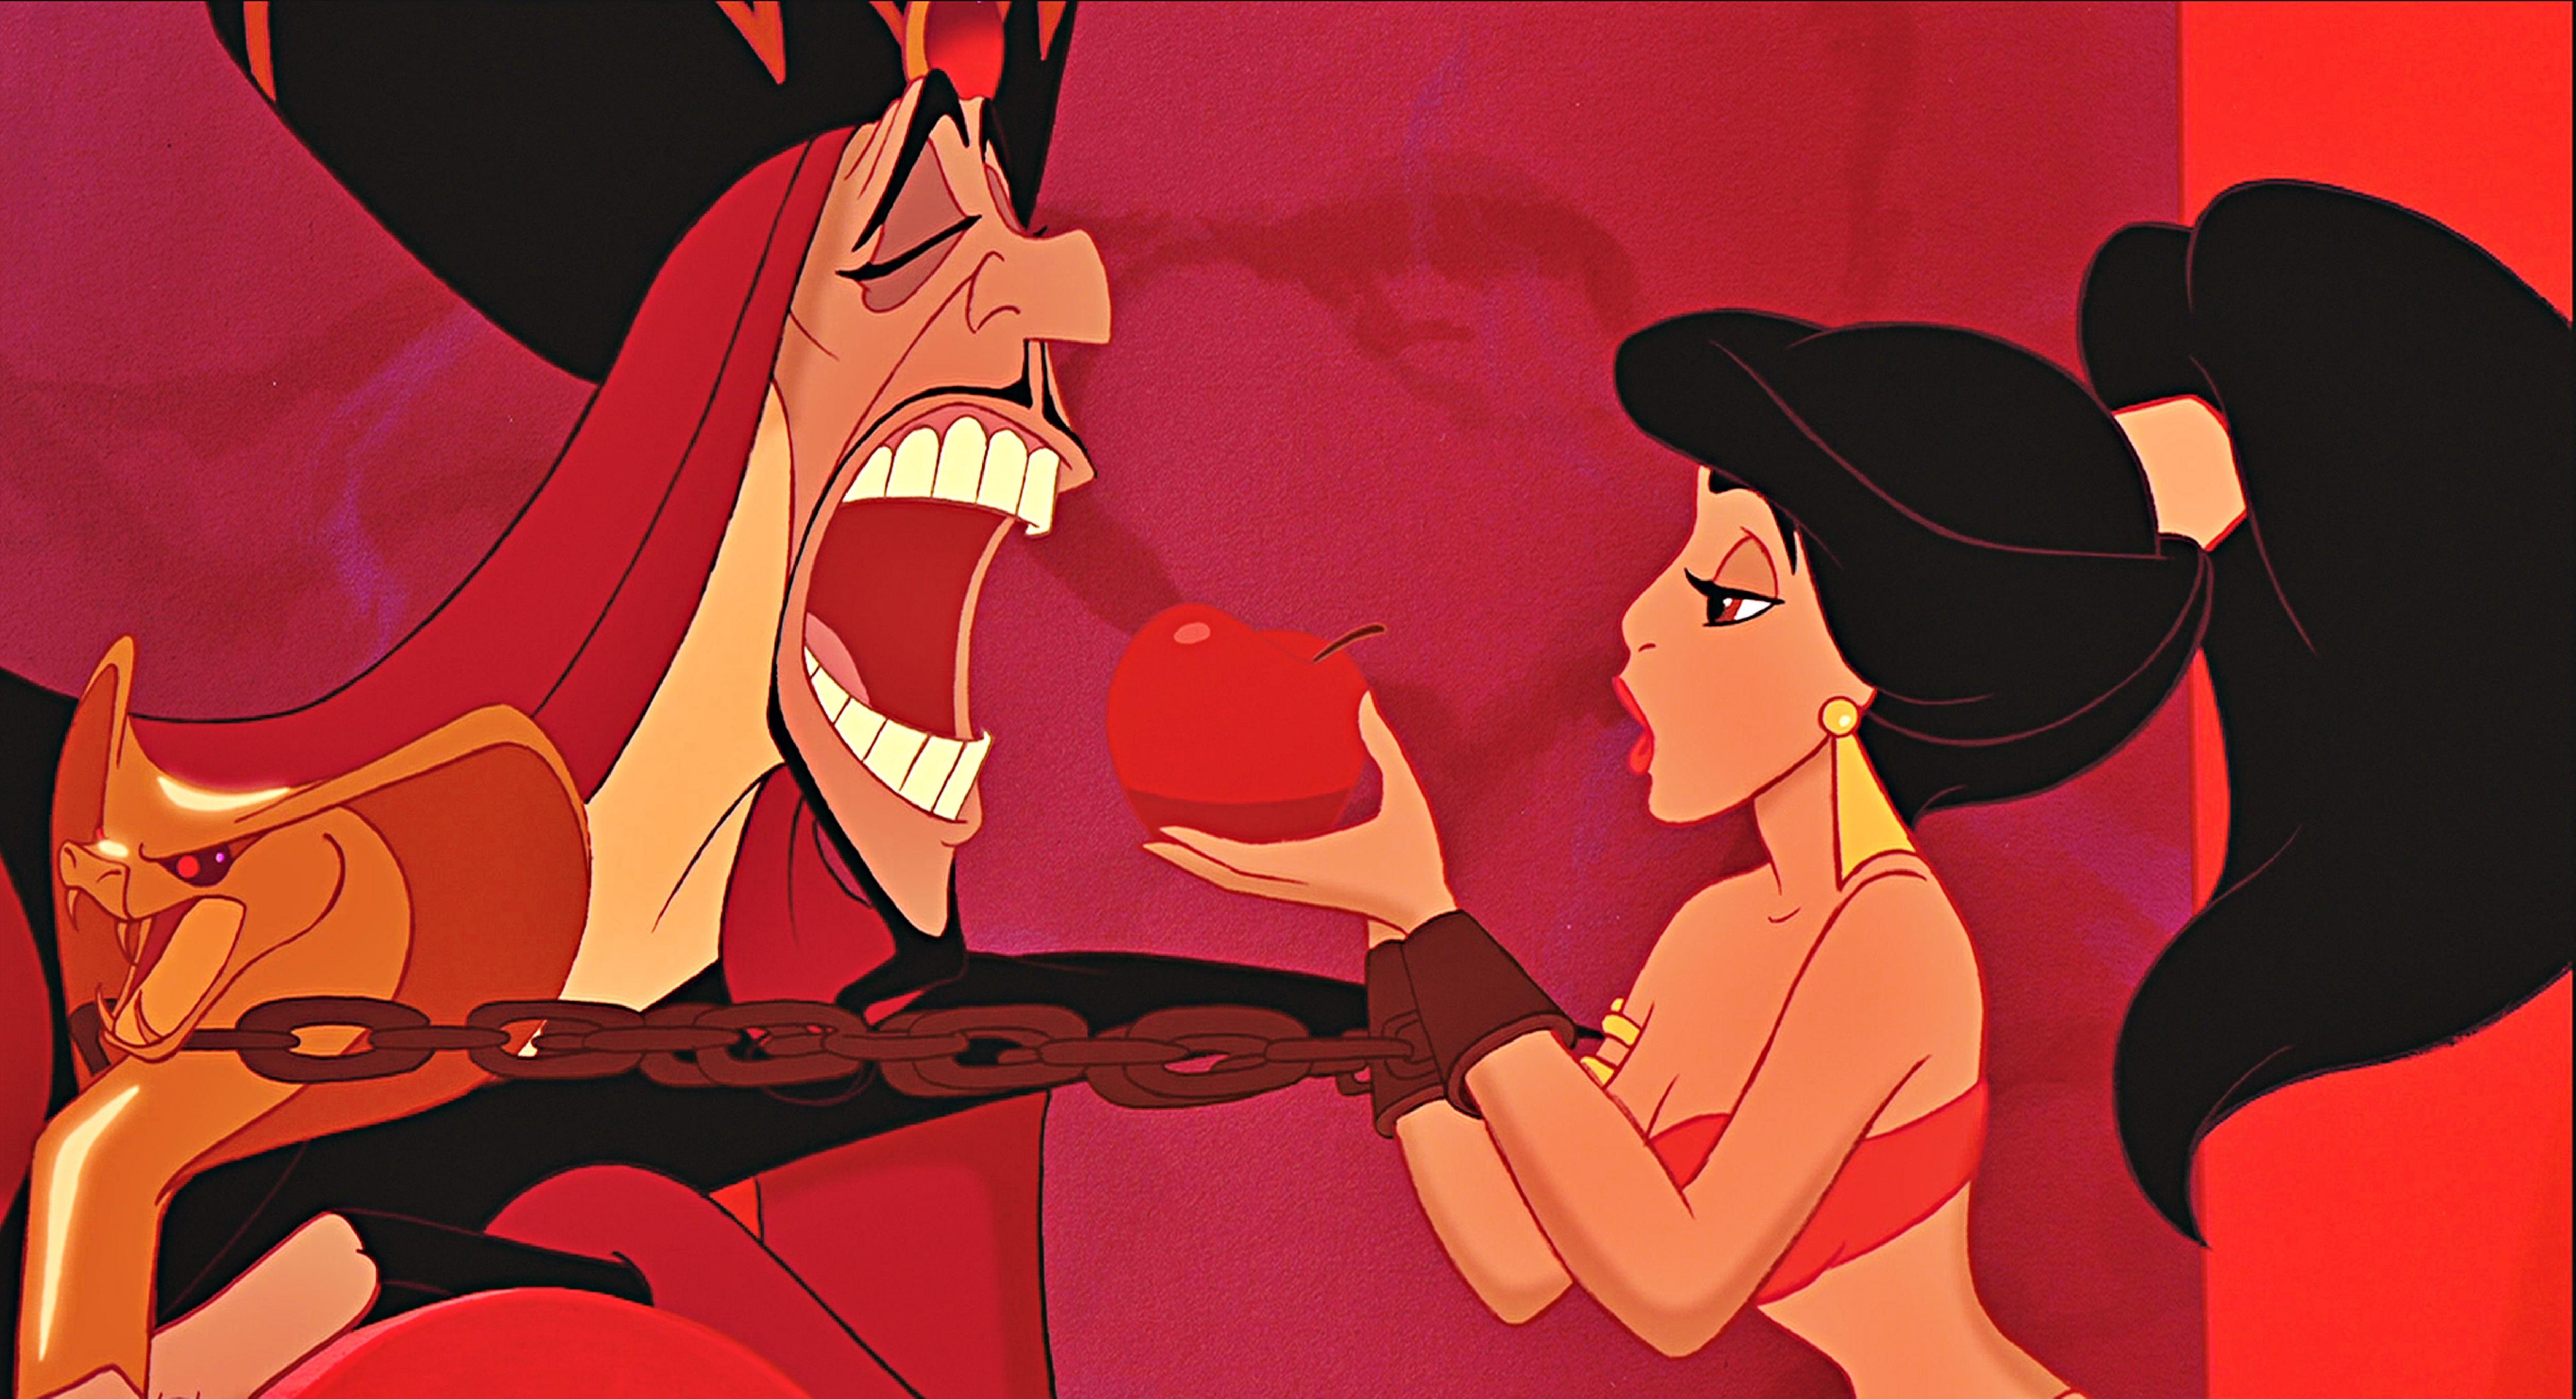 Порно мультфильмы дисней онлайн без регистрации